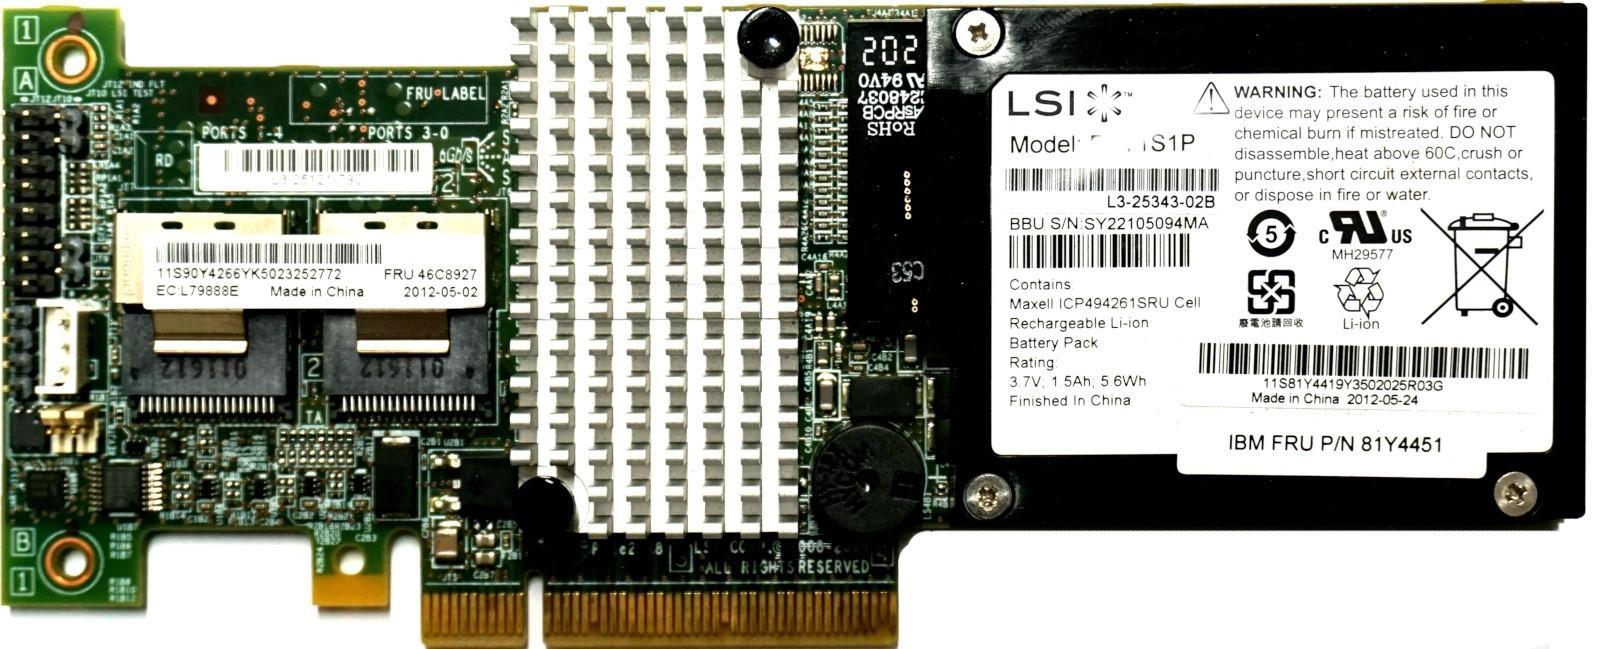 IBM ServeRAID M5015 512MB NV inc  Battery - PCIe-x8 SAS RAID Controller